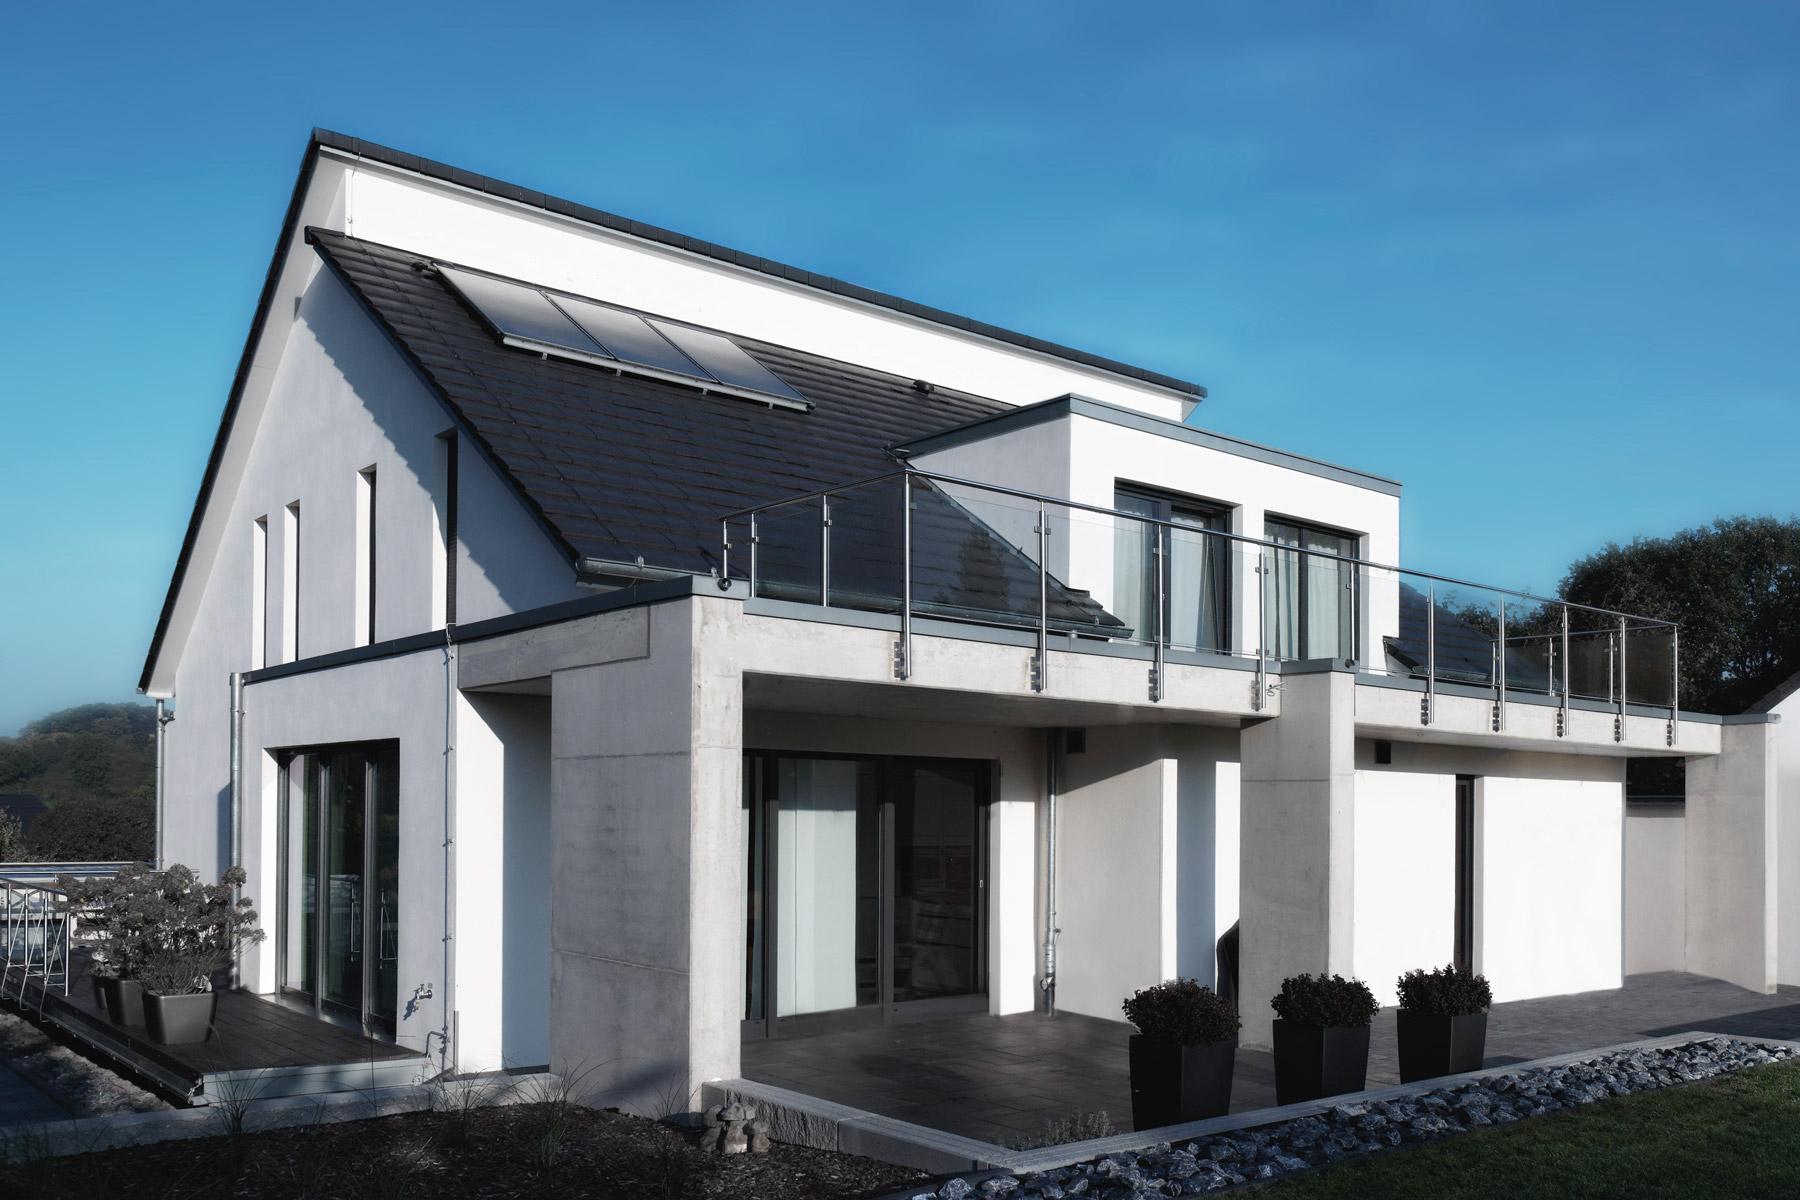 Foto: Gartenseite, Terrasse / Balkon als aufgeständerte Betonkonstruktion